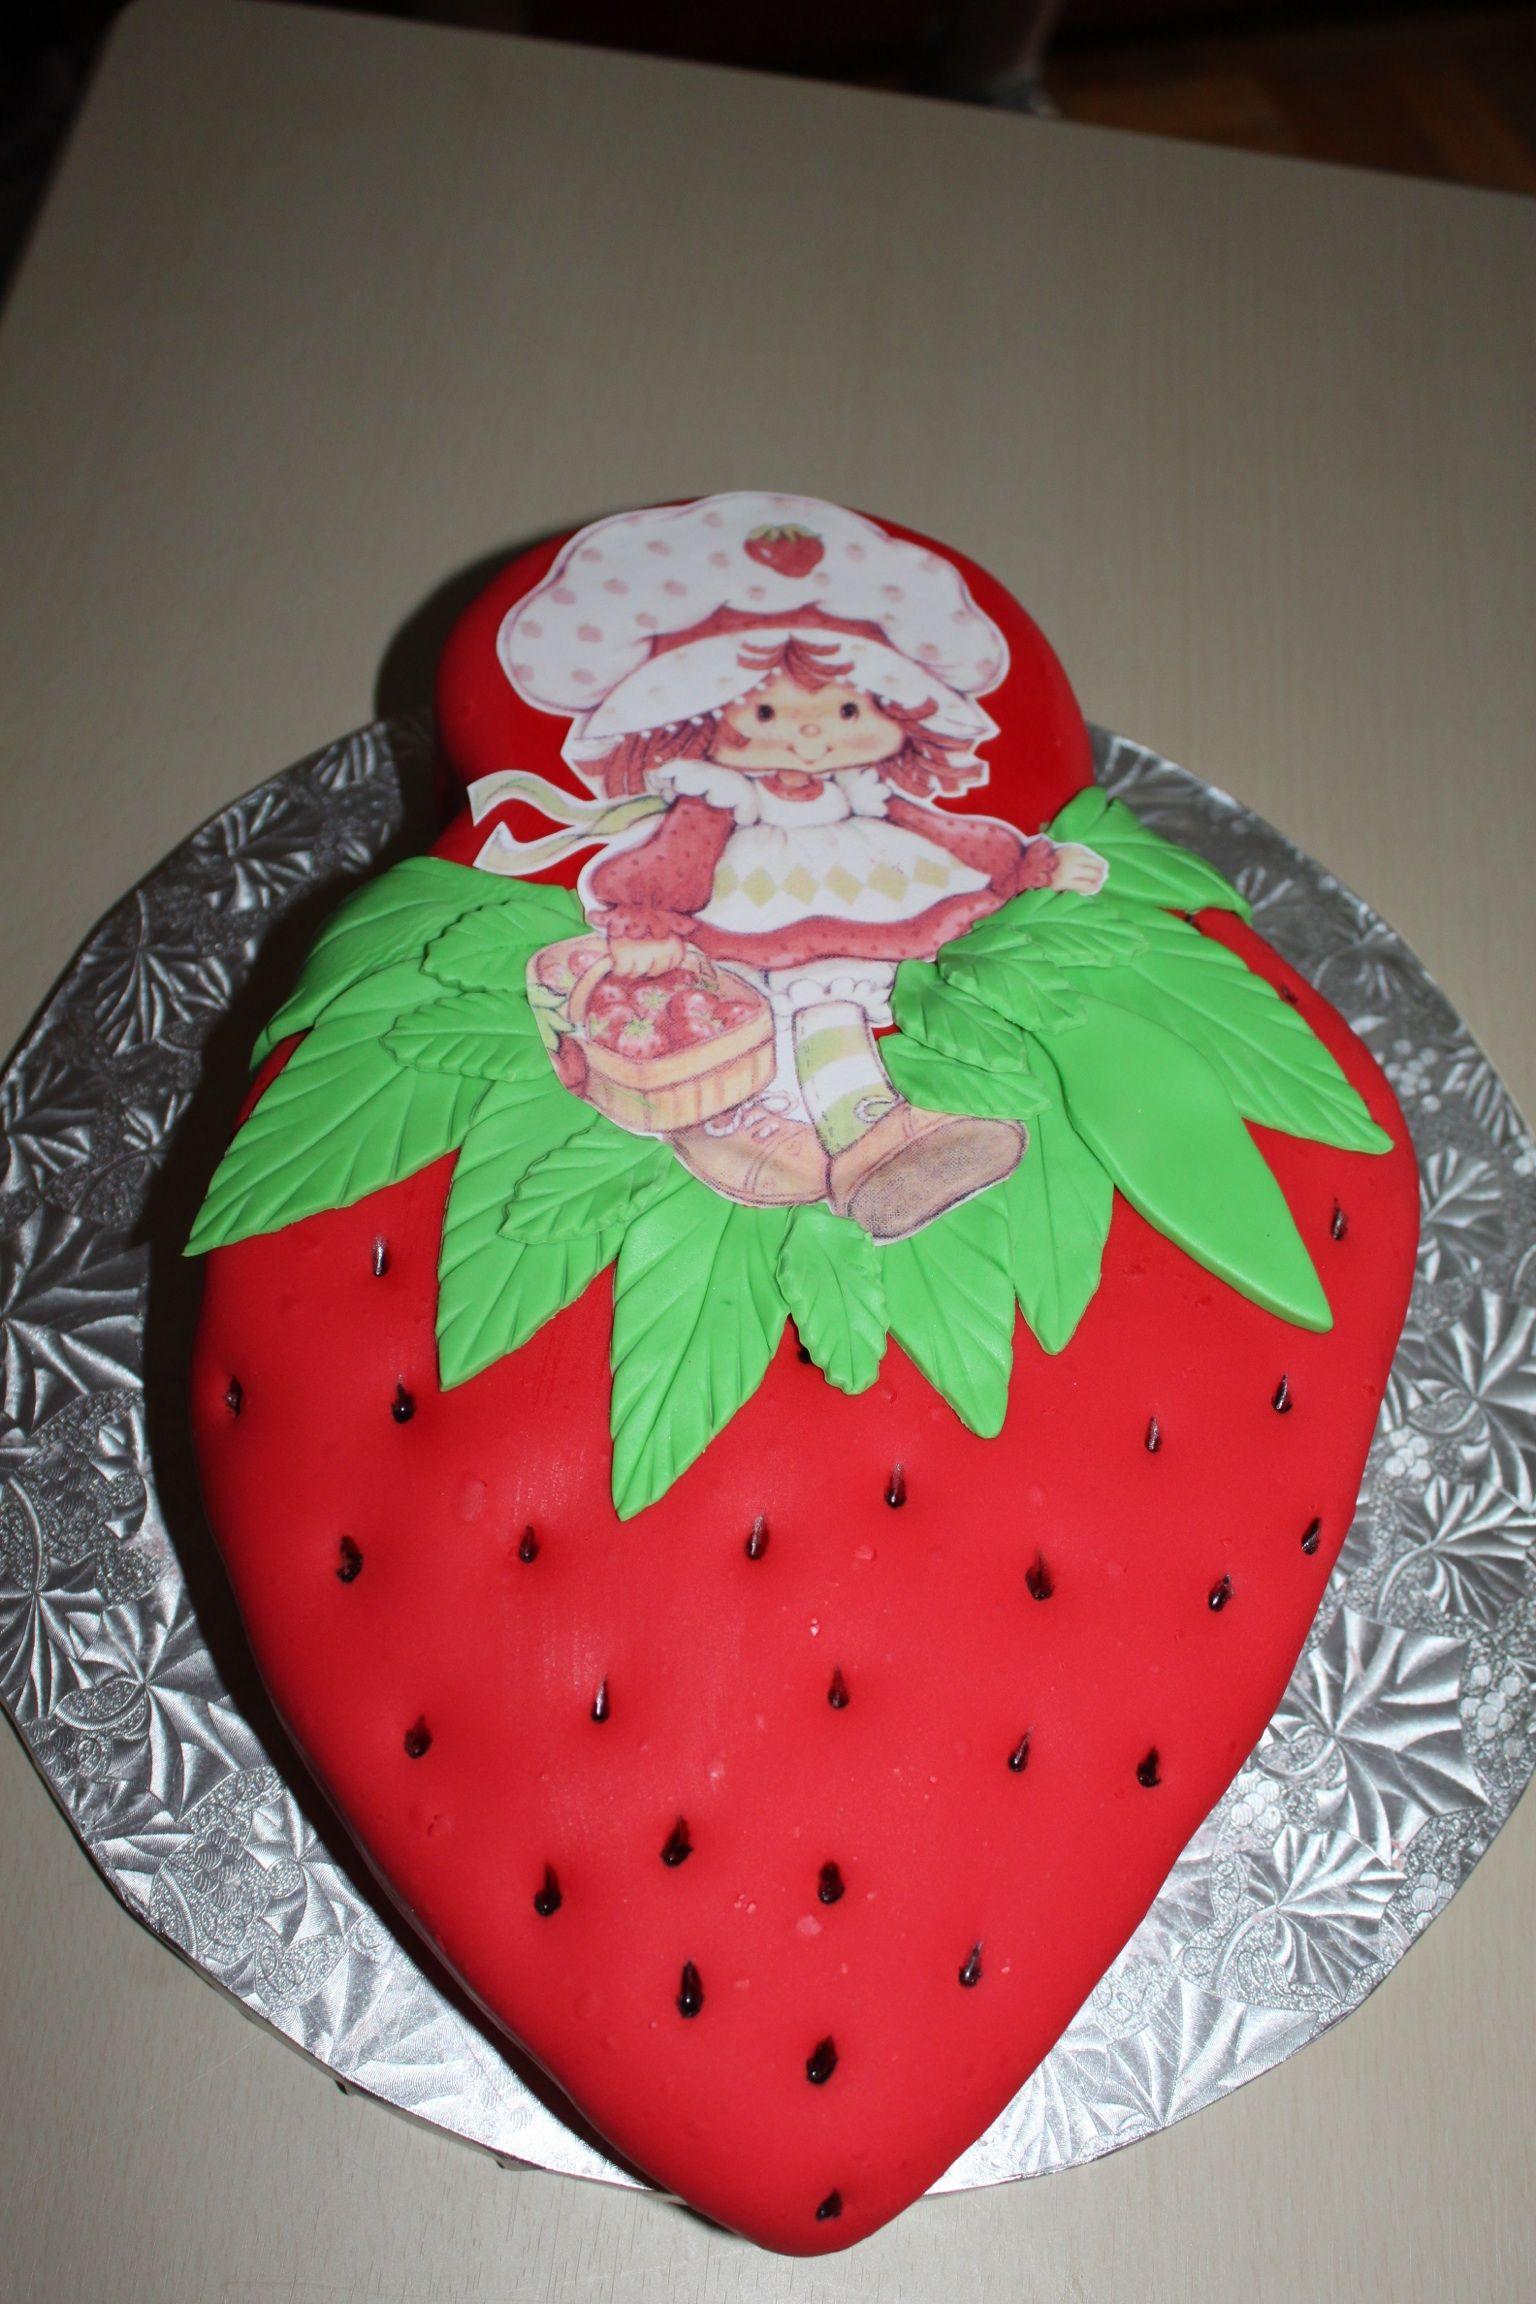 Strawberry shortcake birthday cake (for Bella\'s 3rd bday) | Fresita ...